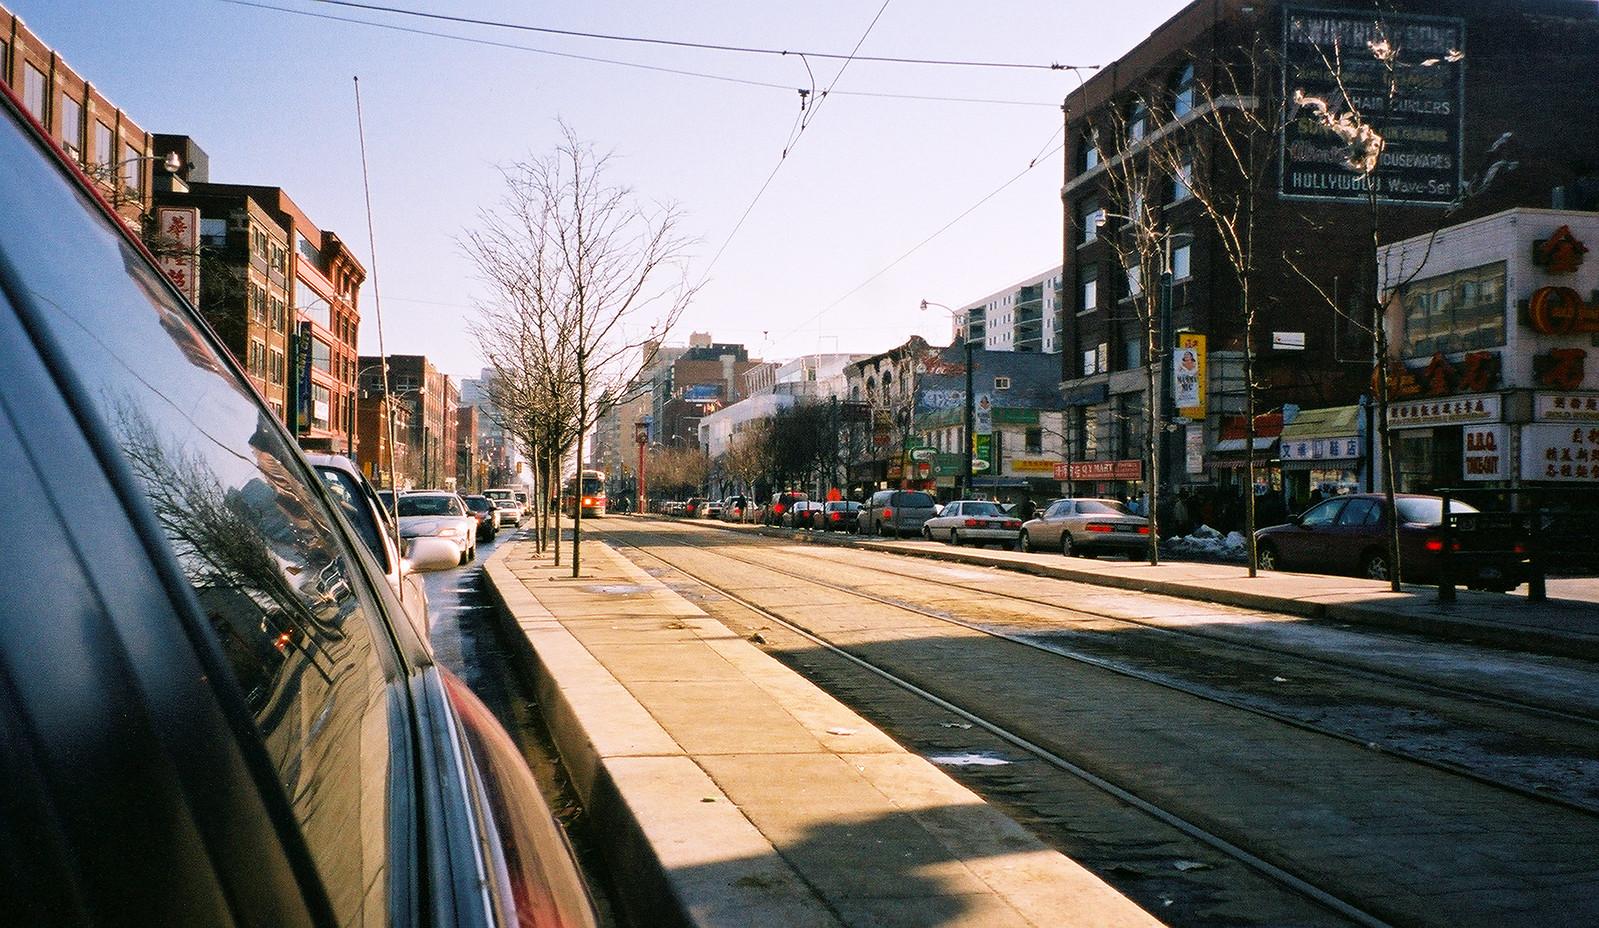 Toronto en un día - Canadá - eTa - Visado - Thewotme toronto en un día - 50060903718 314d2e8a7b h - Toronto en un día